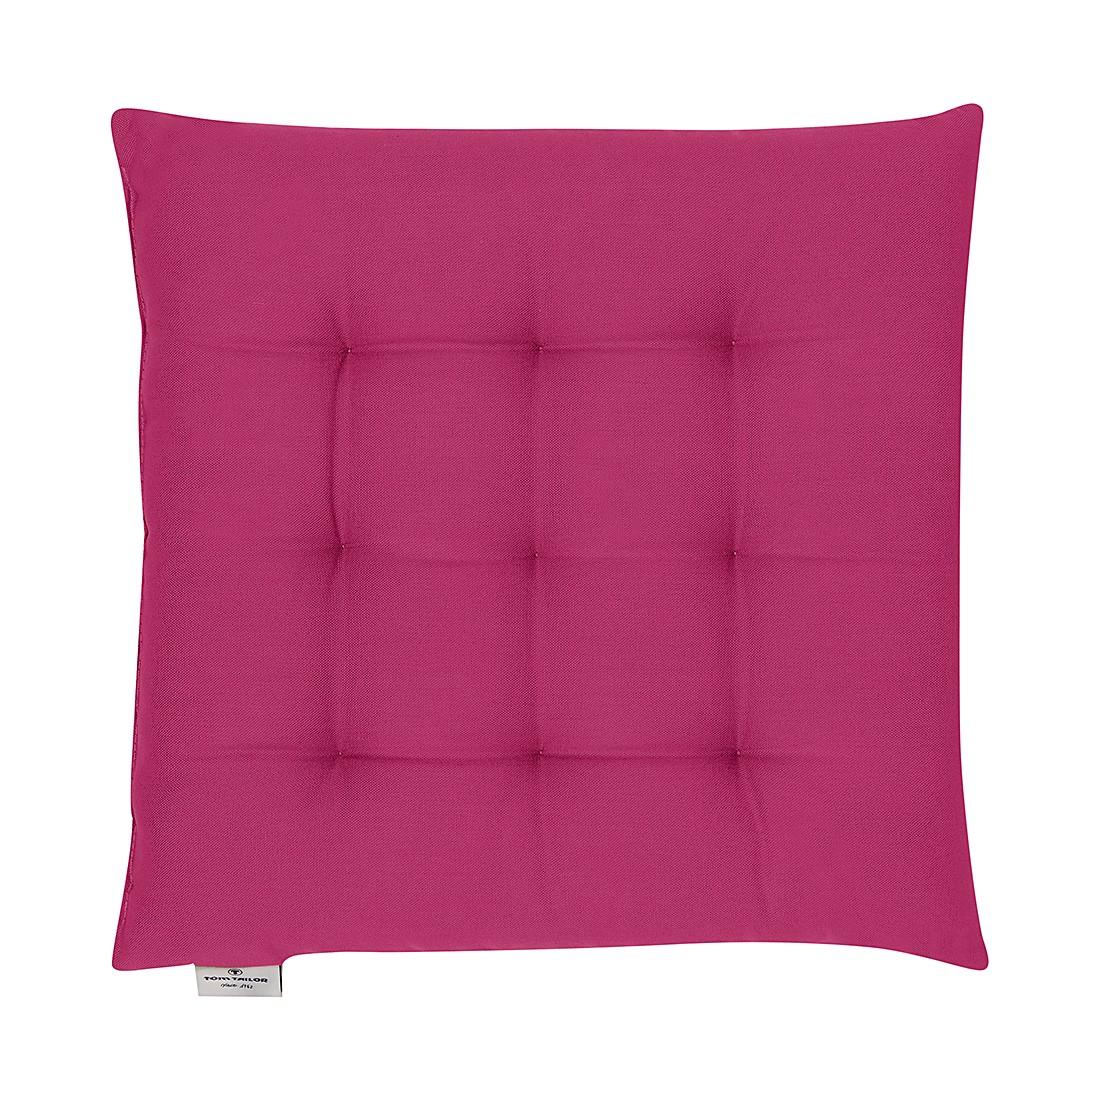 home24 Sitzkissen T-Dove in pink 40x40cm